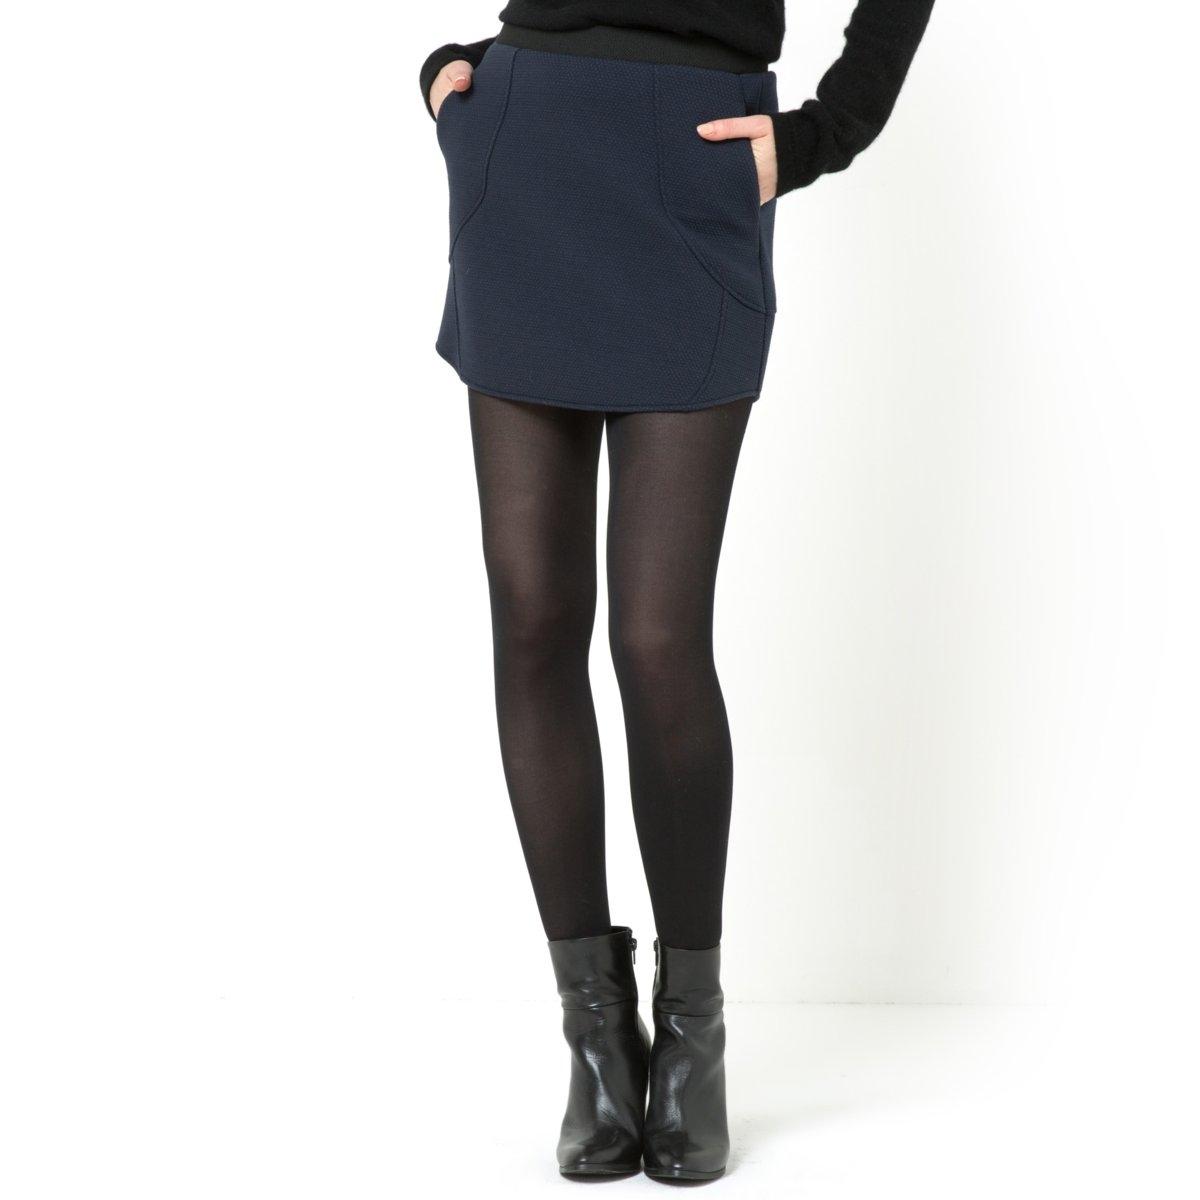 Юбка спортивнаяСпортивная юбка с рельефной фактурой. Несколько декоративных вырезов. 2 кармана. 54% полиэстера, 33% хлопка, 11,5% полиамида, 1,5% эластана.Длина 40 см.<br><br>Цвет: синий морской<br>Размер: 42 (FR) - 48 (RUS)